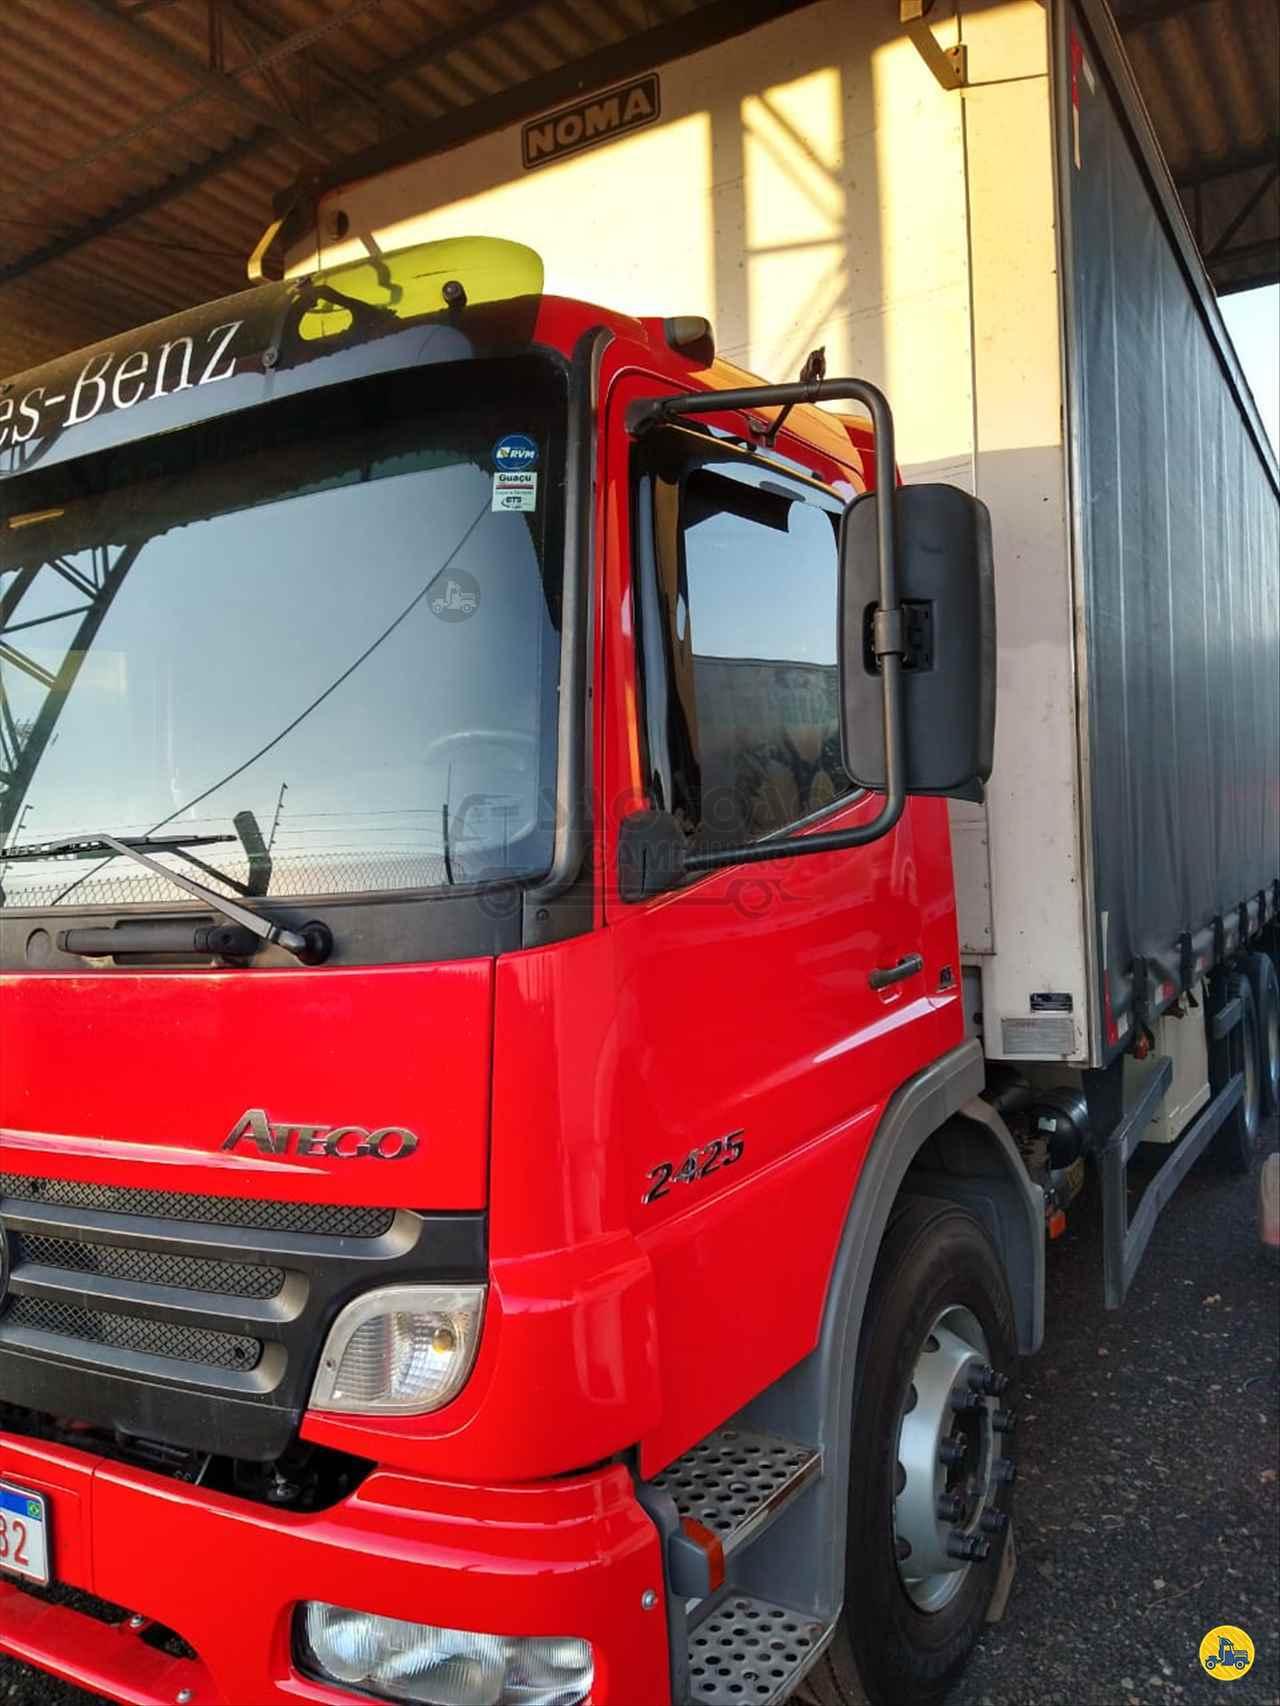 CAMINHAO MERCEDES-BENZ MB 2425 Baú Sider Truck 6x2 São João Caminhão SAO JOAO DA BOA VISTA SÃO PAULO SP